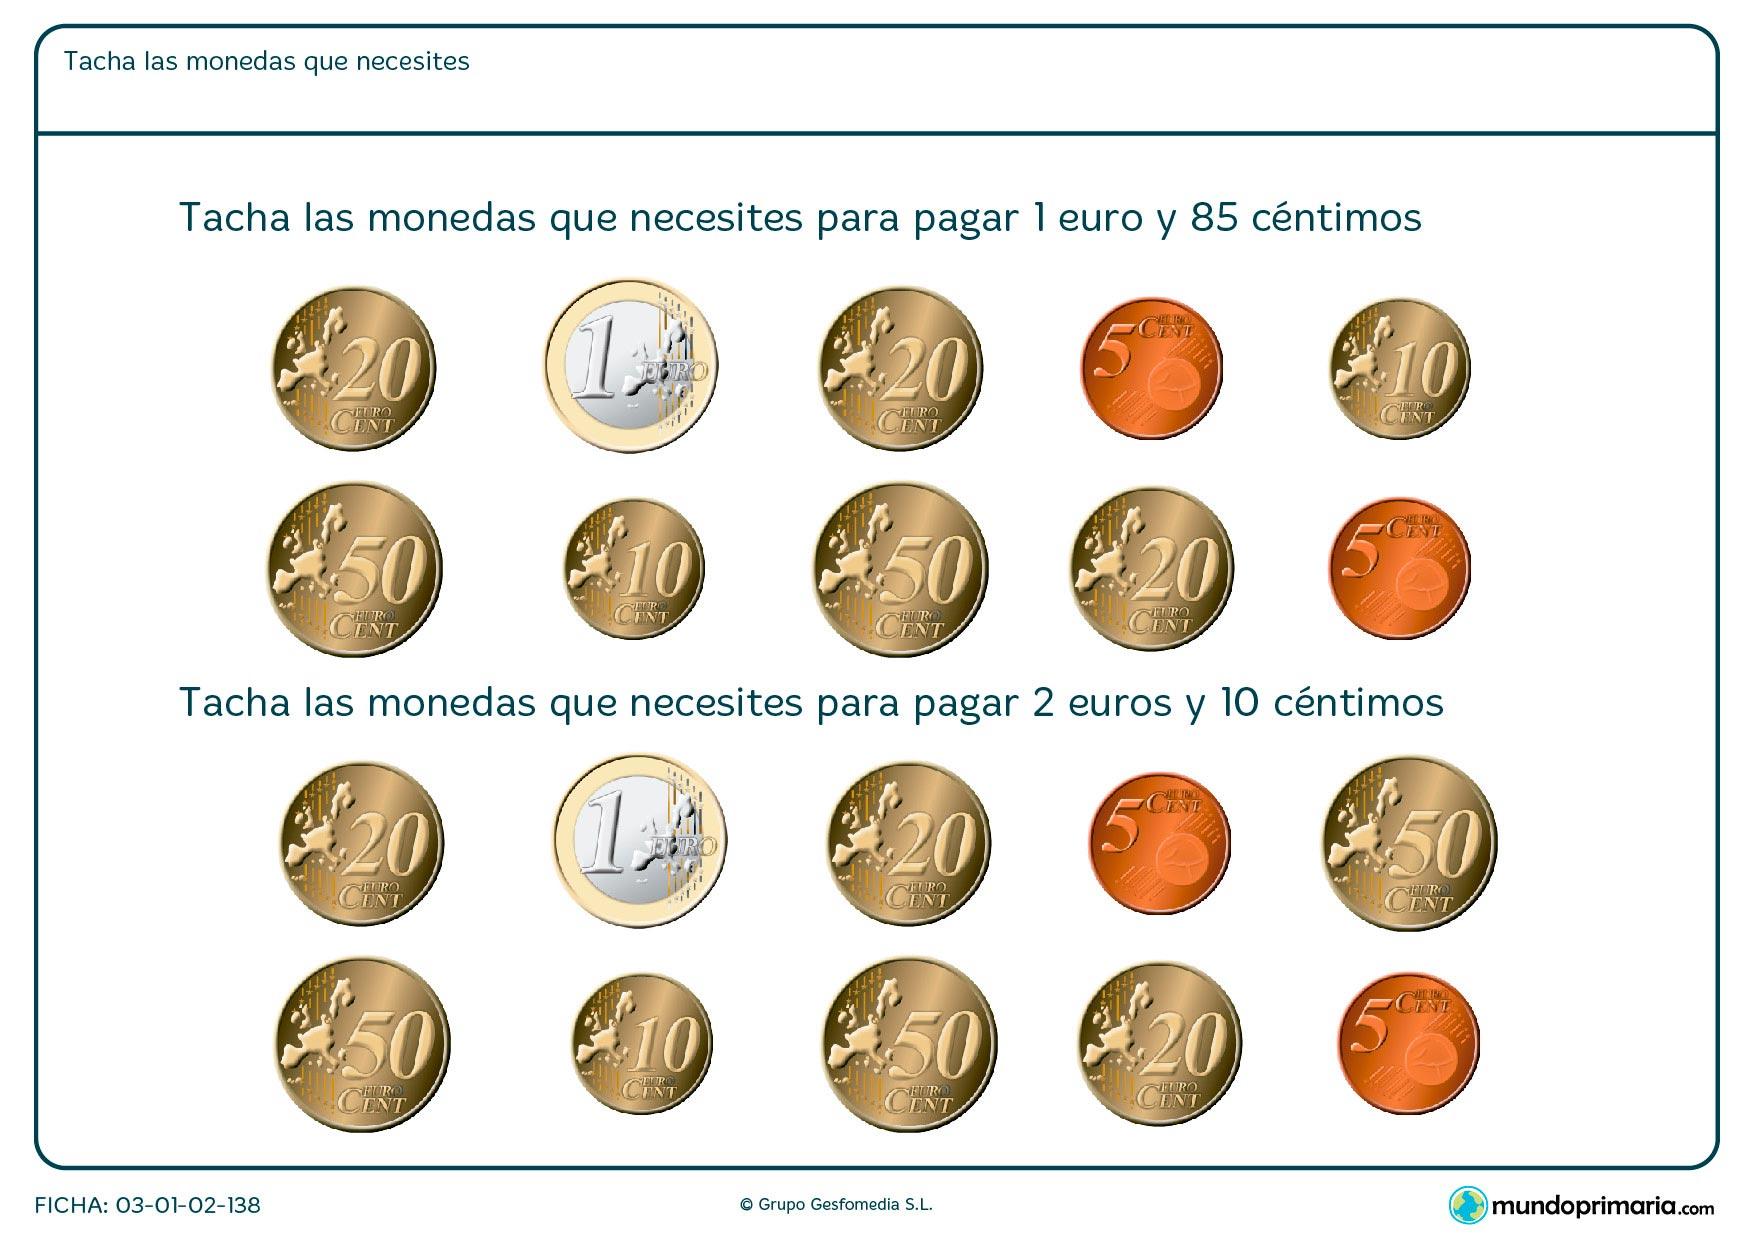 Ficha de calcular las monedas necesarias en la que hay que tachas los dibujos del dinero que suma la cantidad que se te indica.